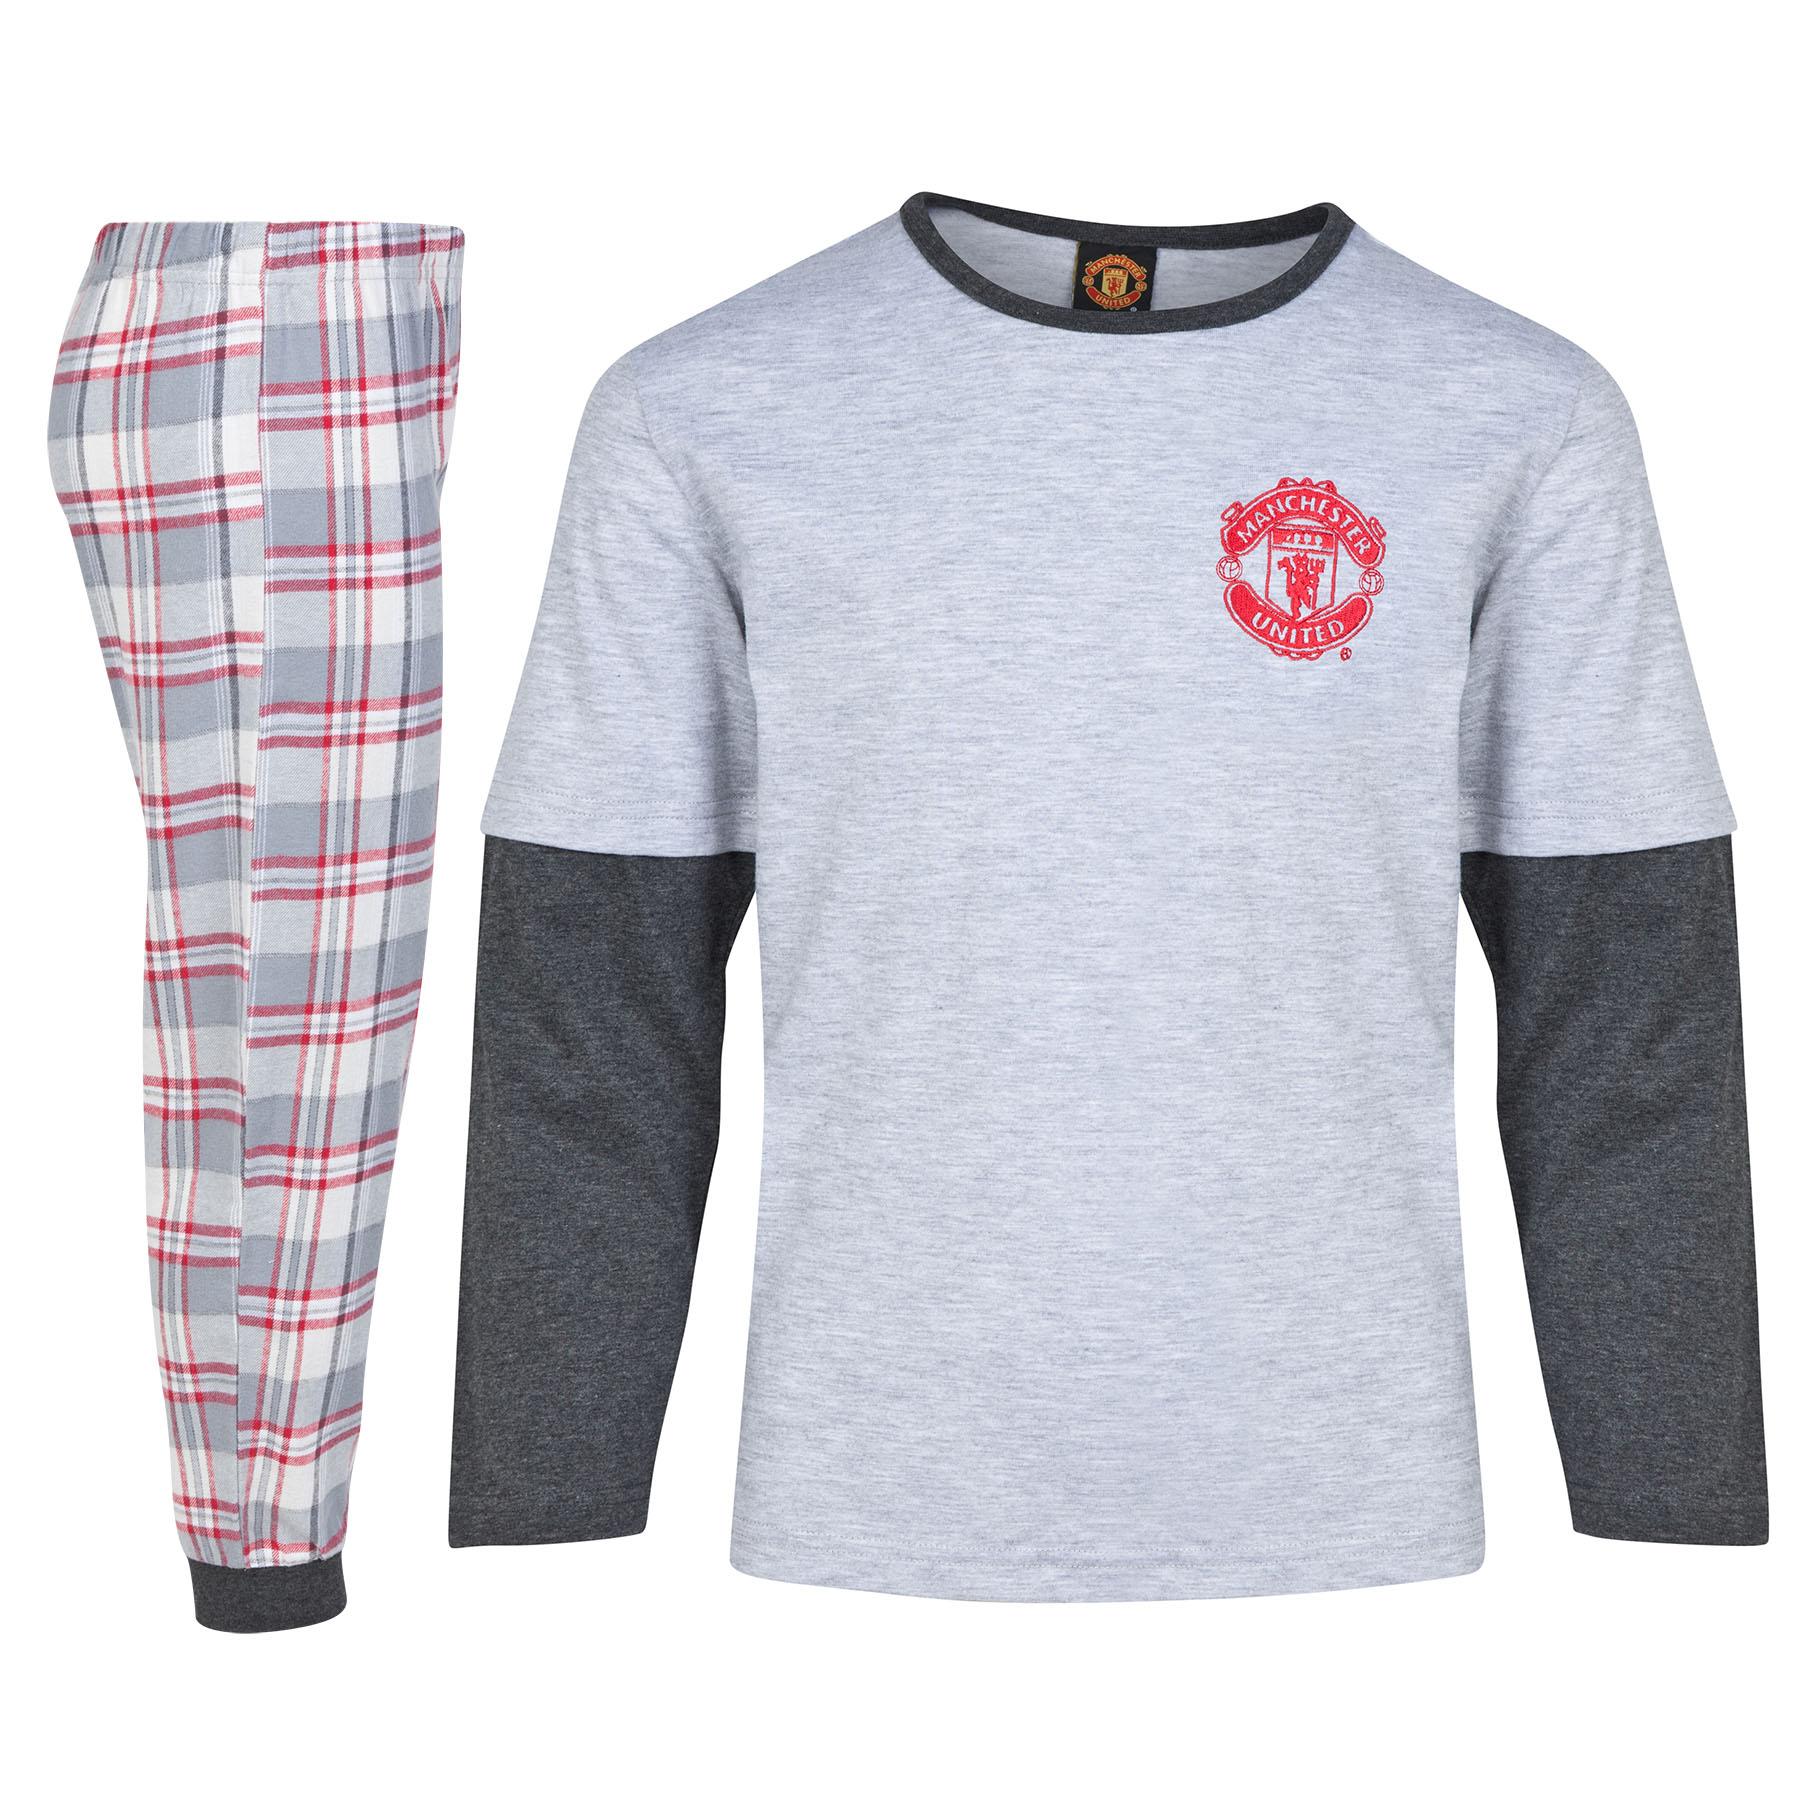 Manchester United Cuffed Bottom Pyjamas - Grey Marl - Older Boys